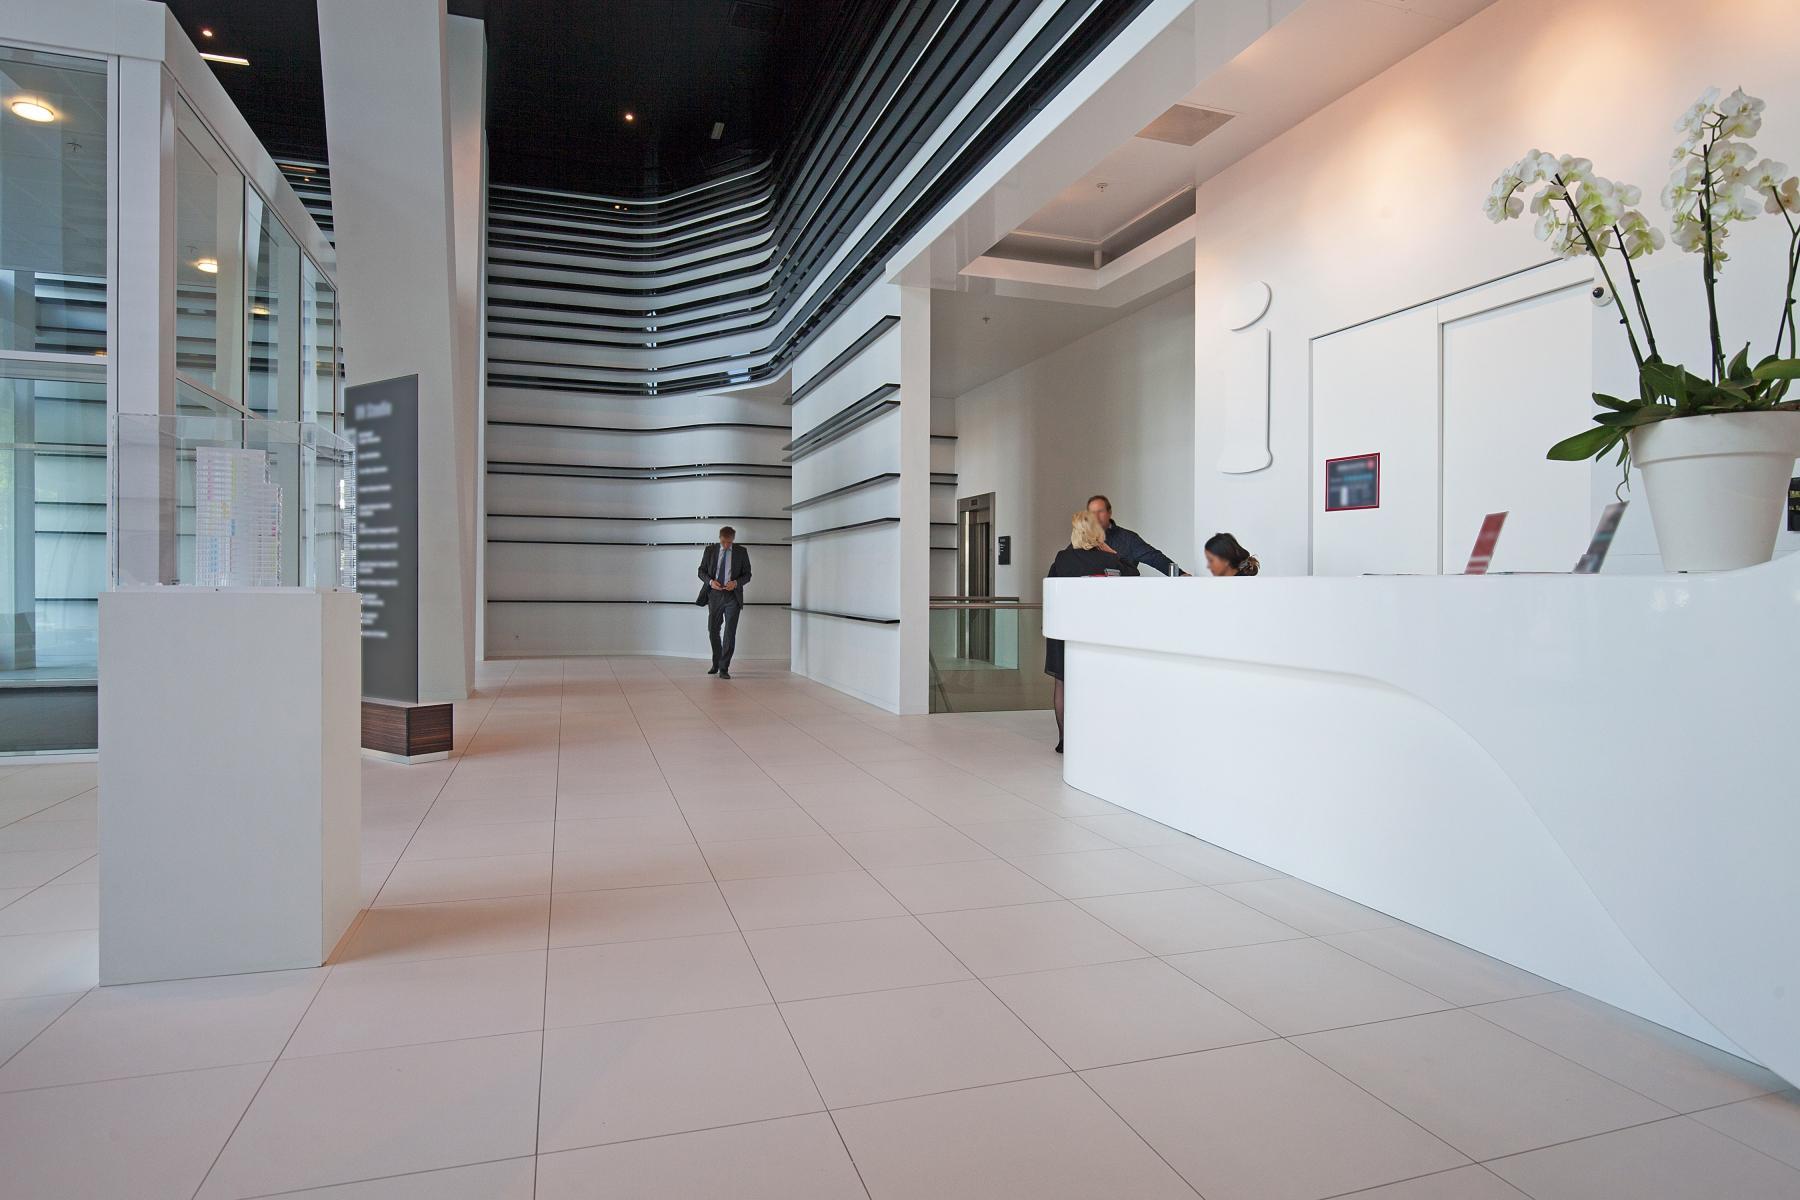 entree kantoorgebouw receptie parnassusweg amsterdam